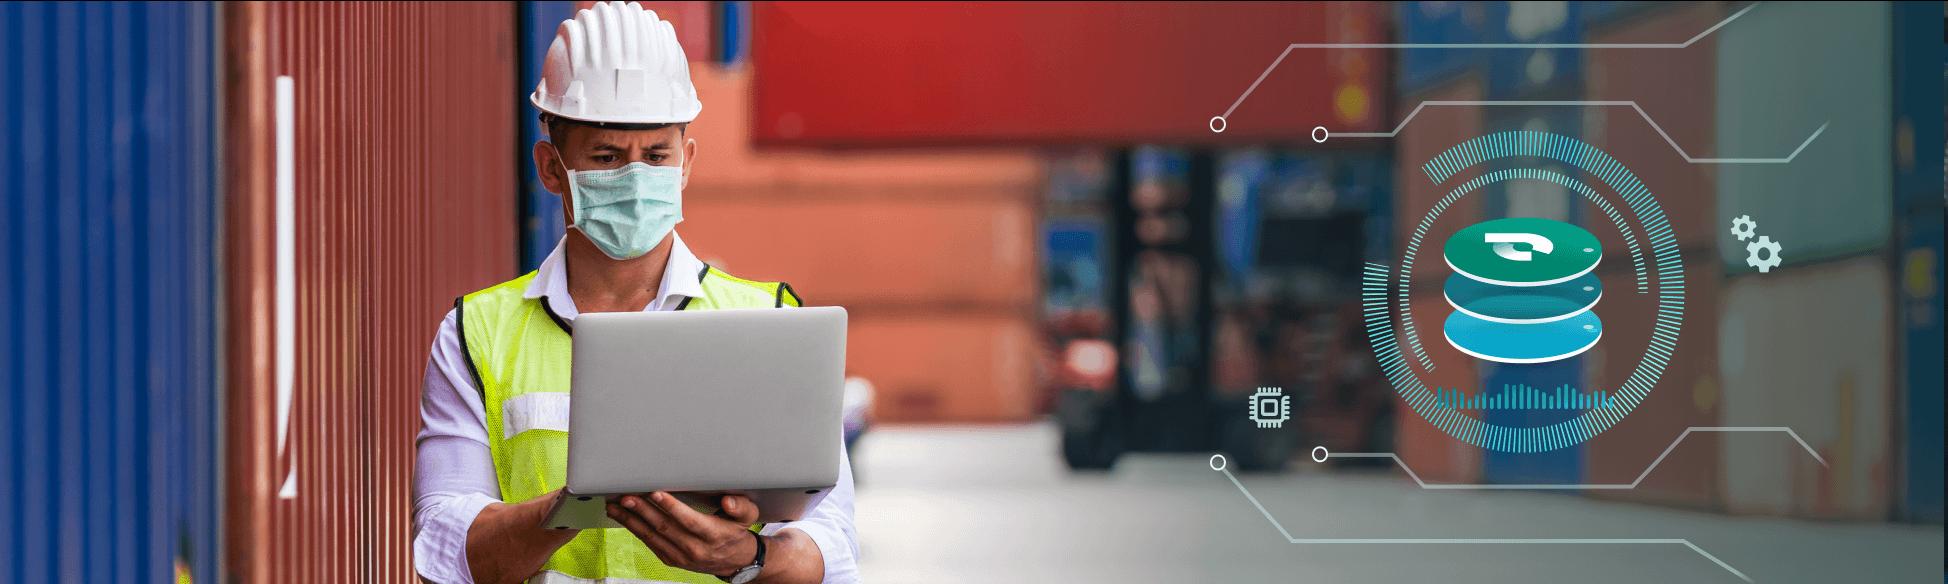 [動態管理] IoTを活用した物流の可視化と業務効率化